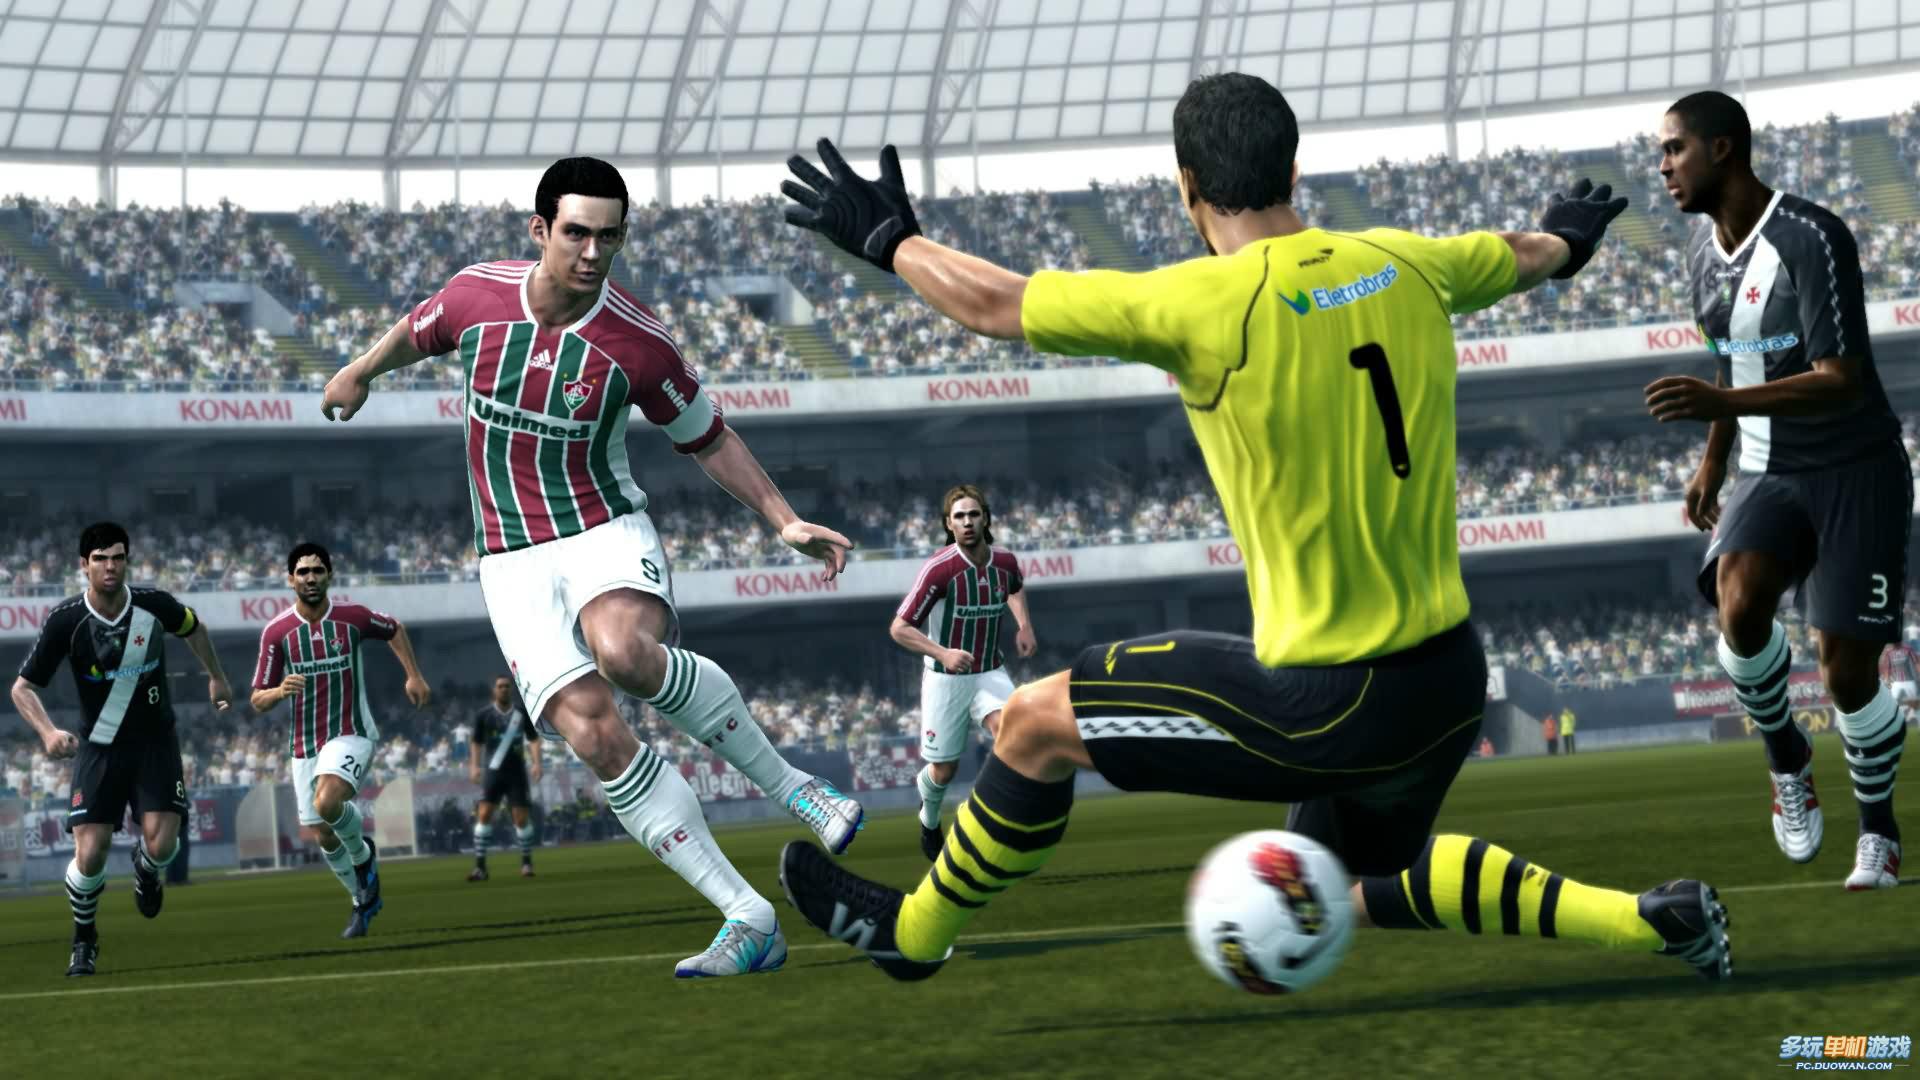 游戏 实况足球-《实况足球2013》游戏精彩瞬间画面